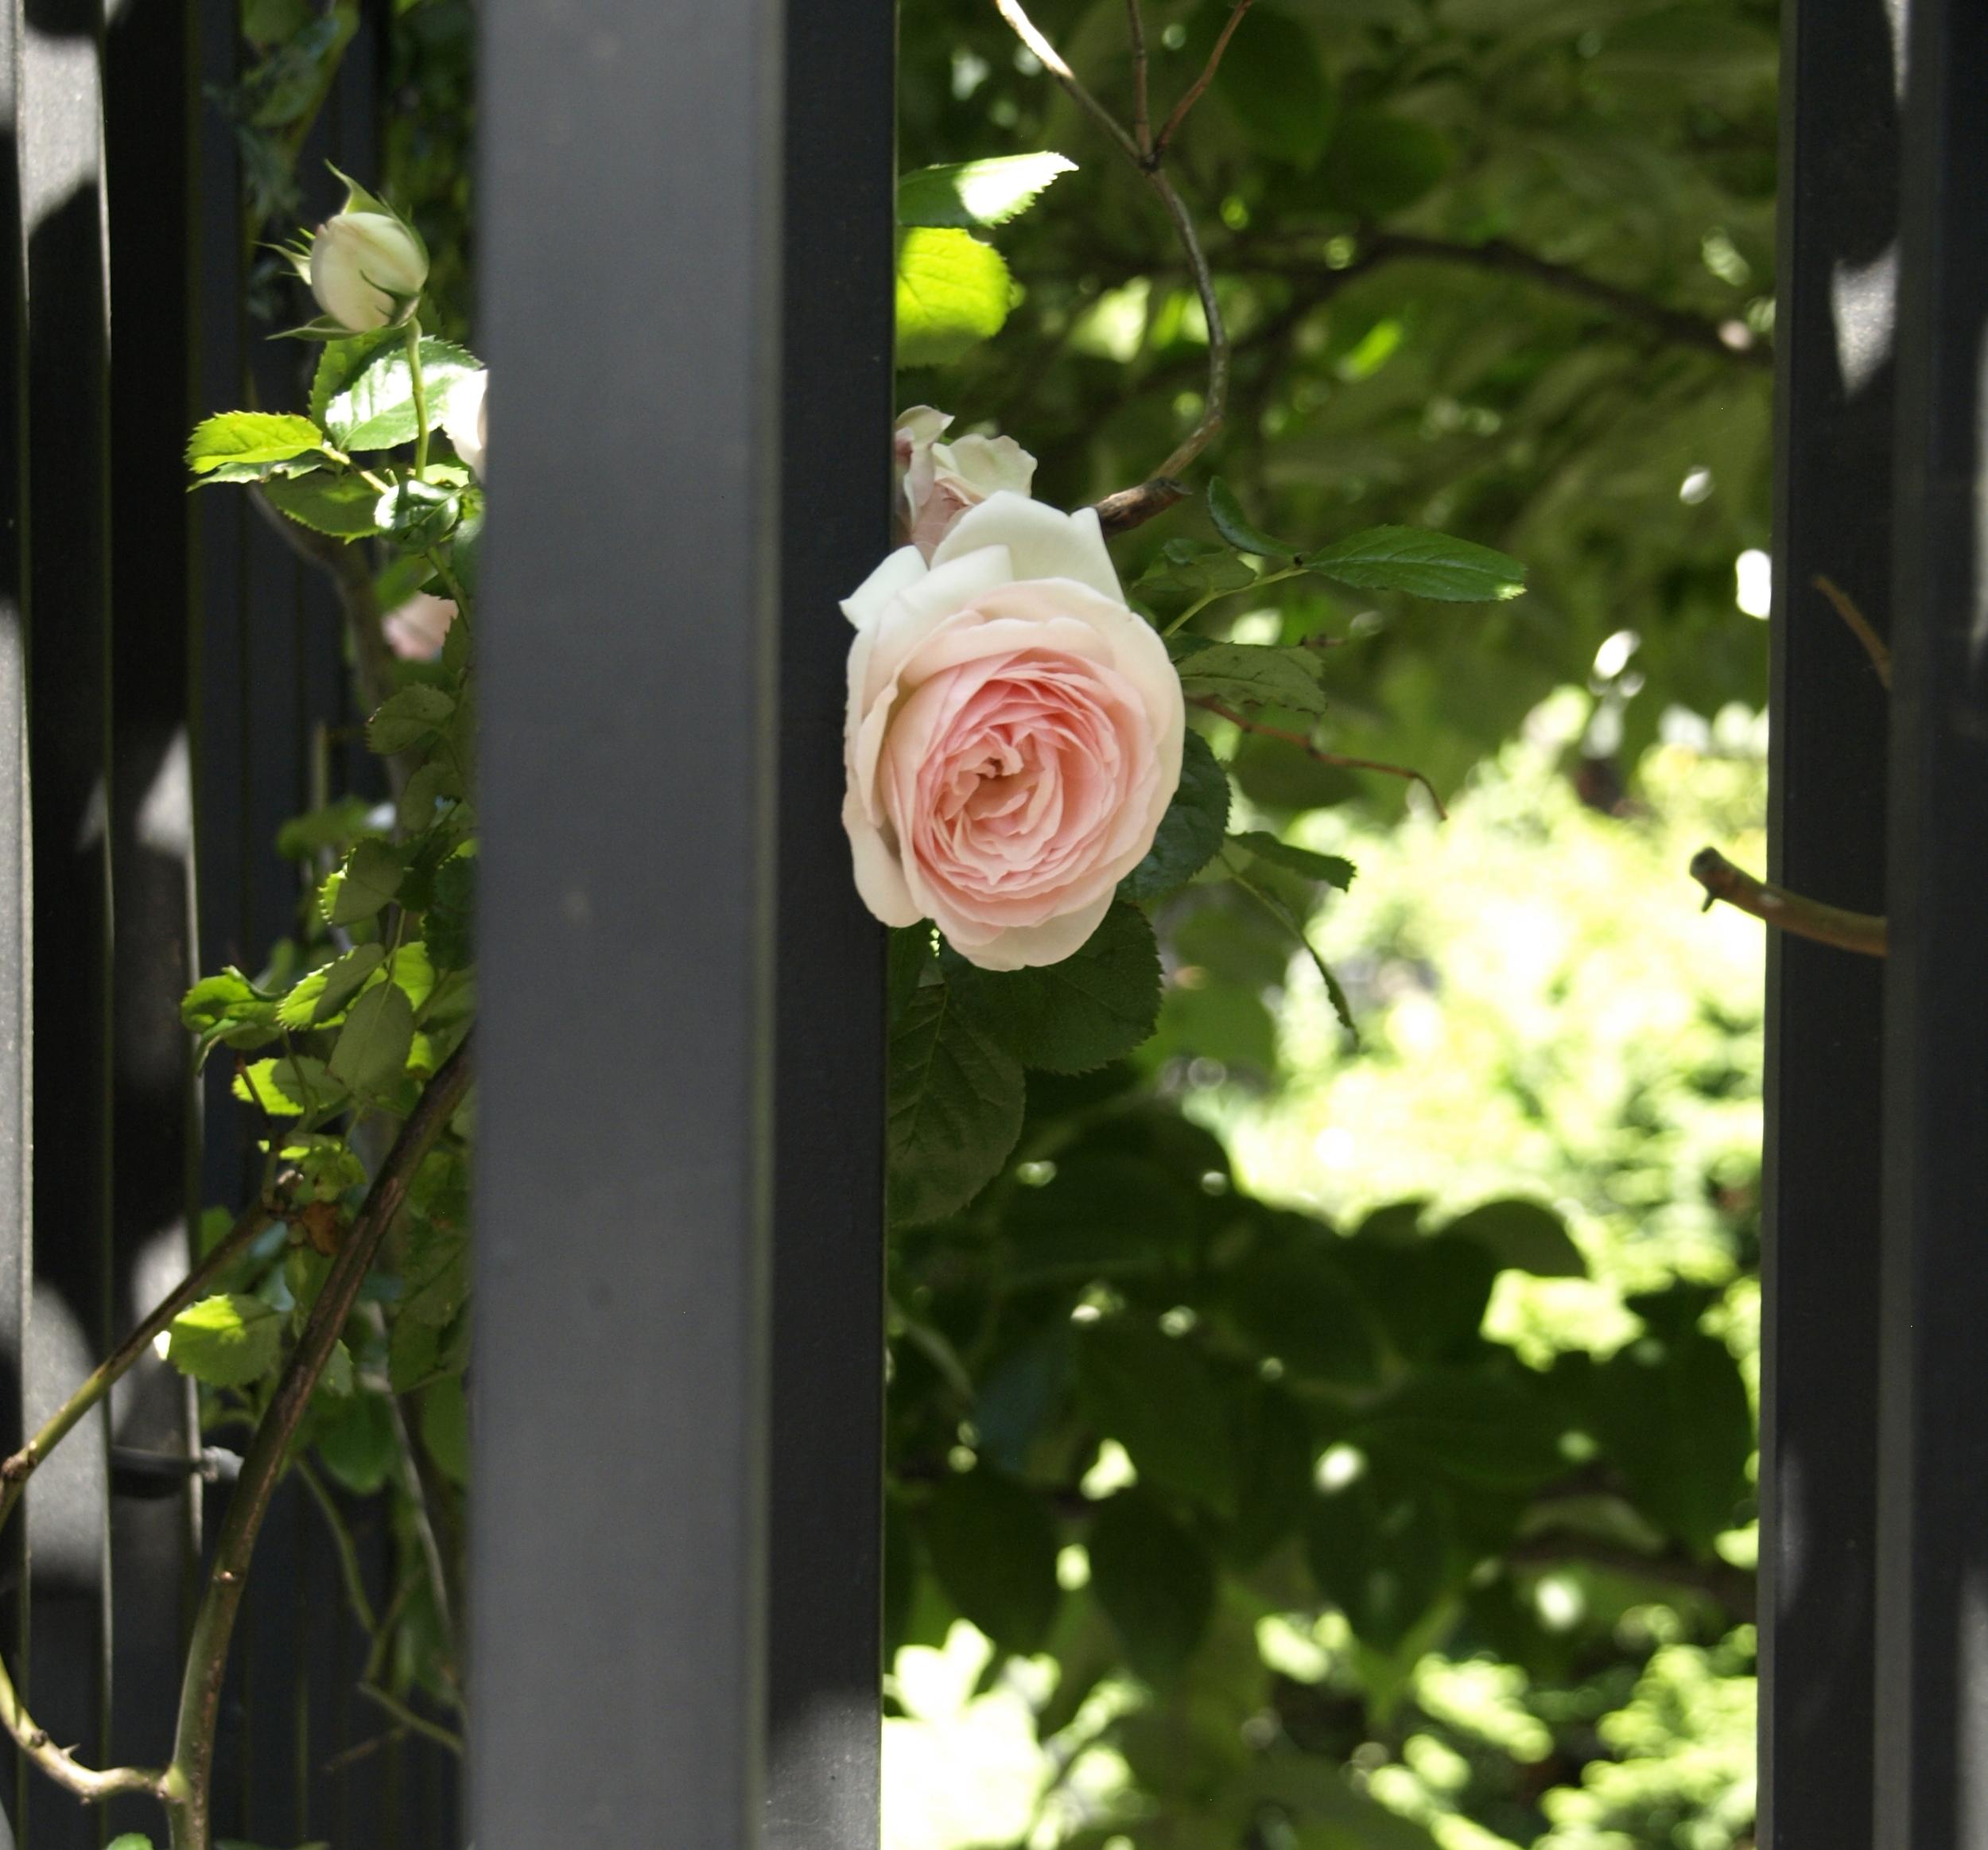 flower-in-new-york-city.jpg